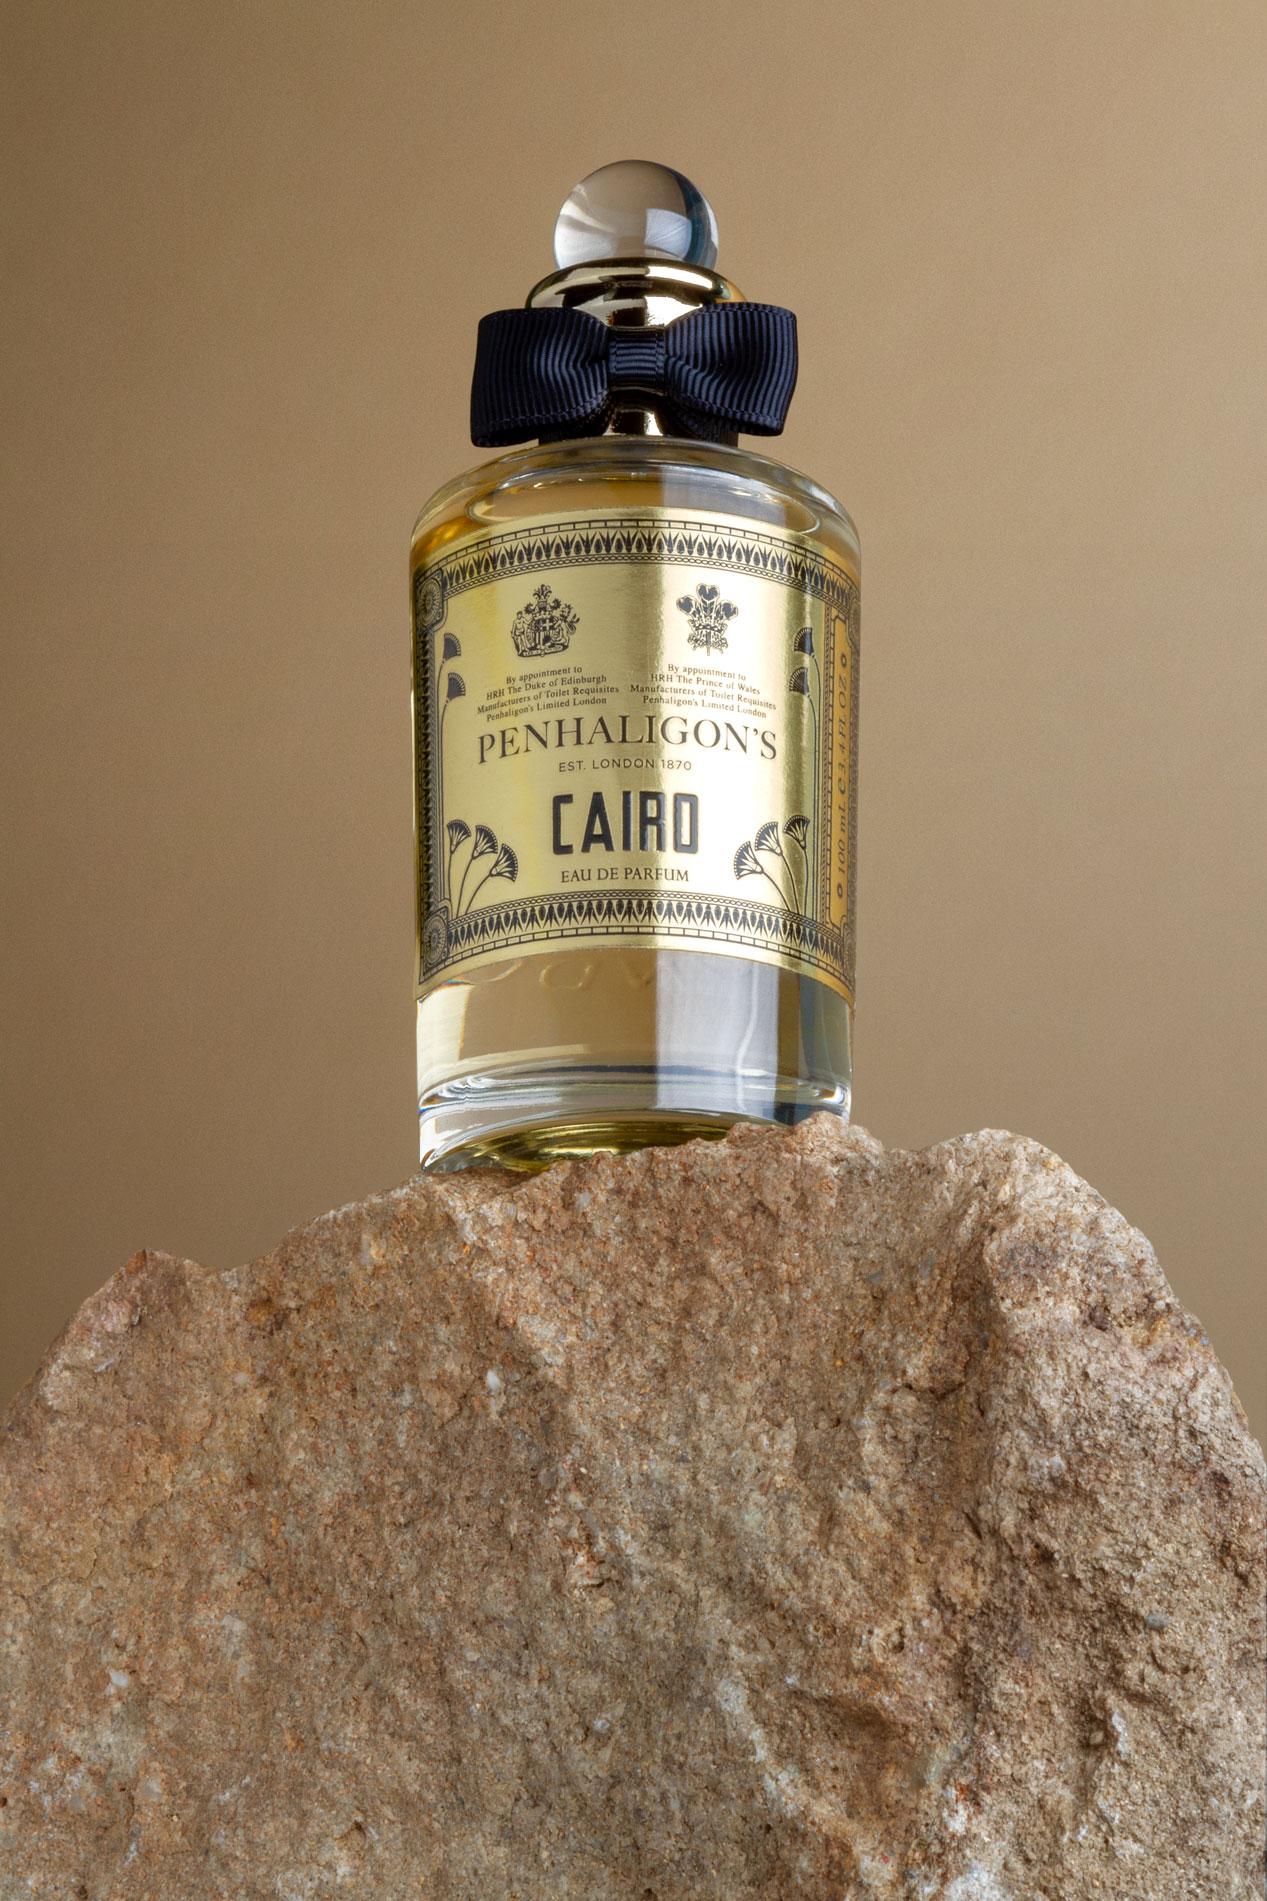 Diseño etiqueta perfume Penhaligon's